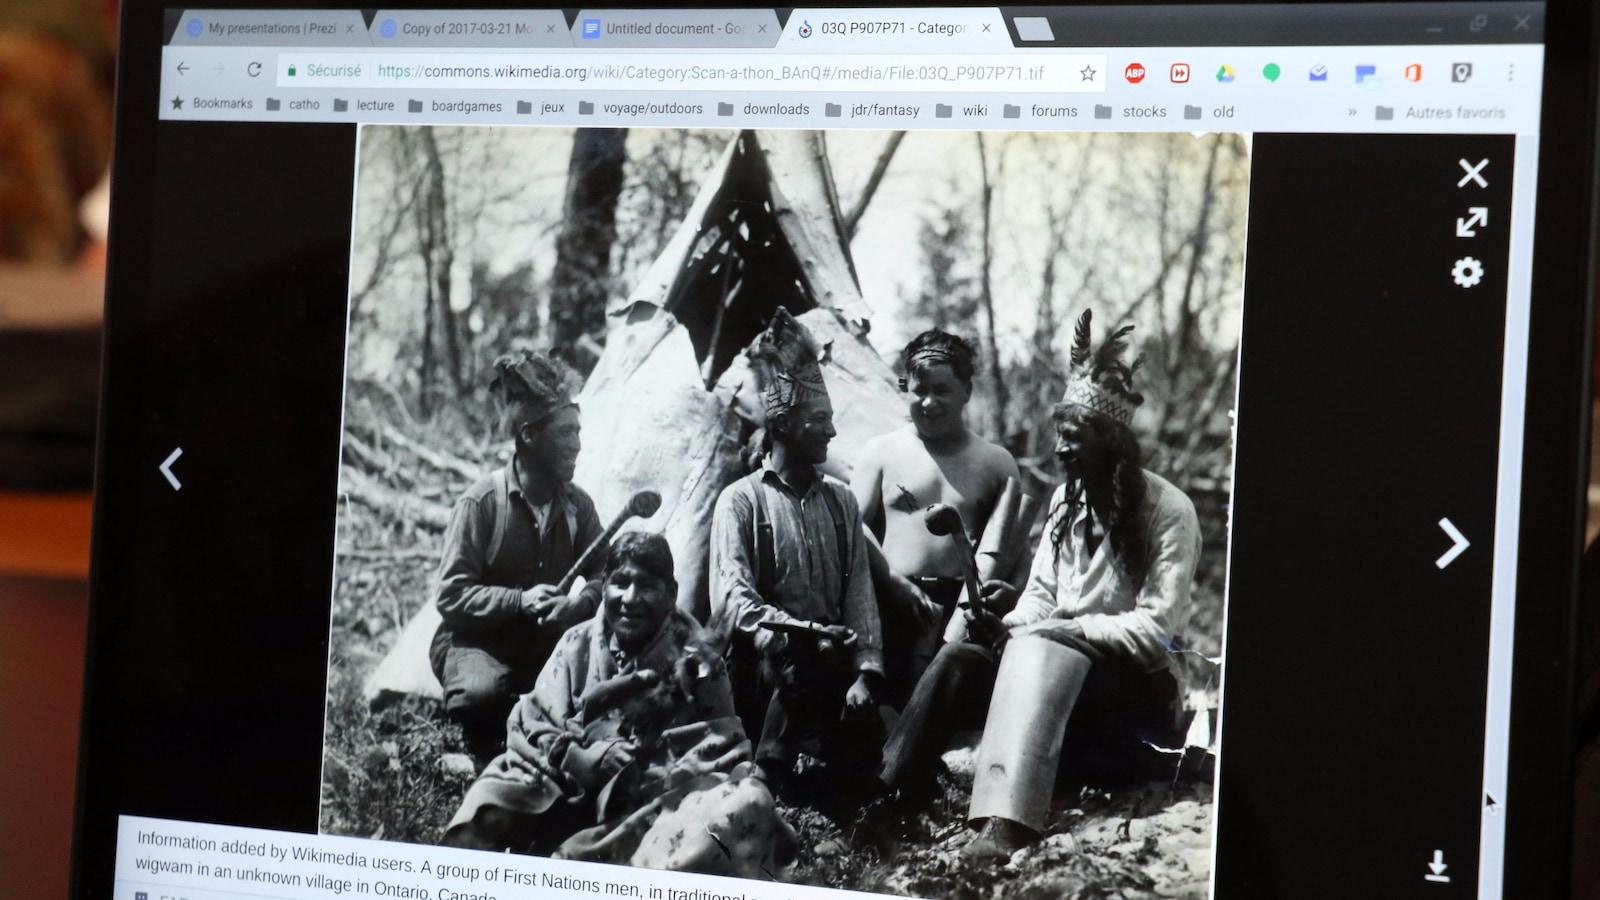 Photographie de membres d'une nation inconnue de l'Ontario présentée sur l'écran d'un ordinateur portable.